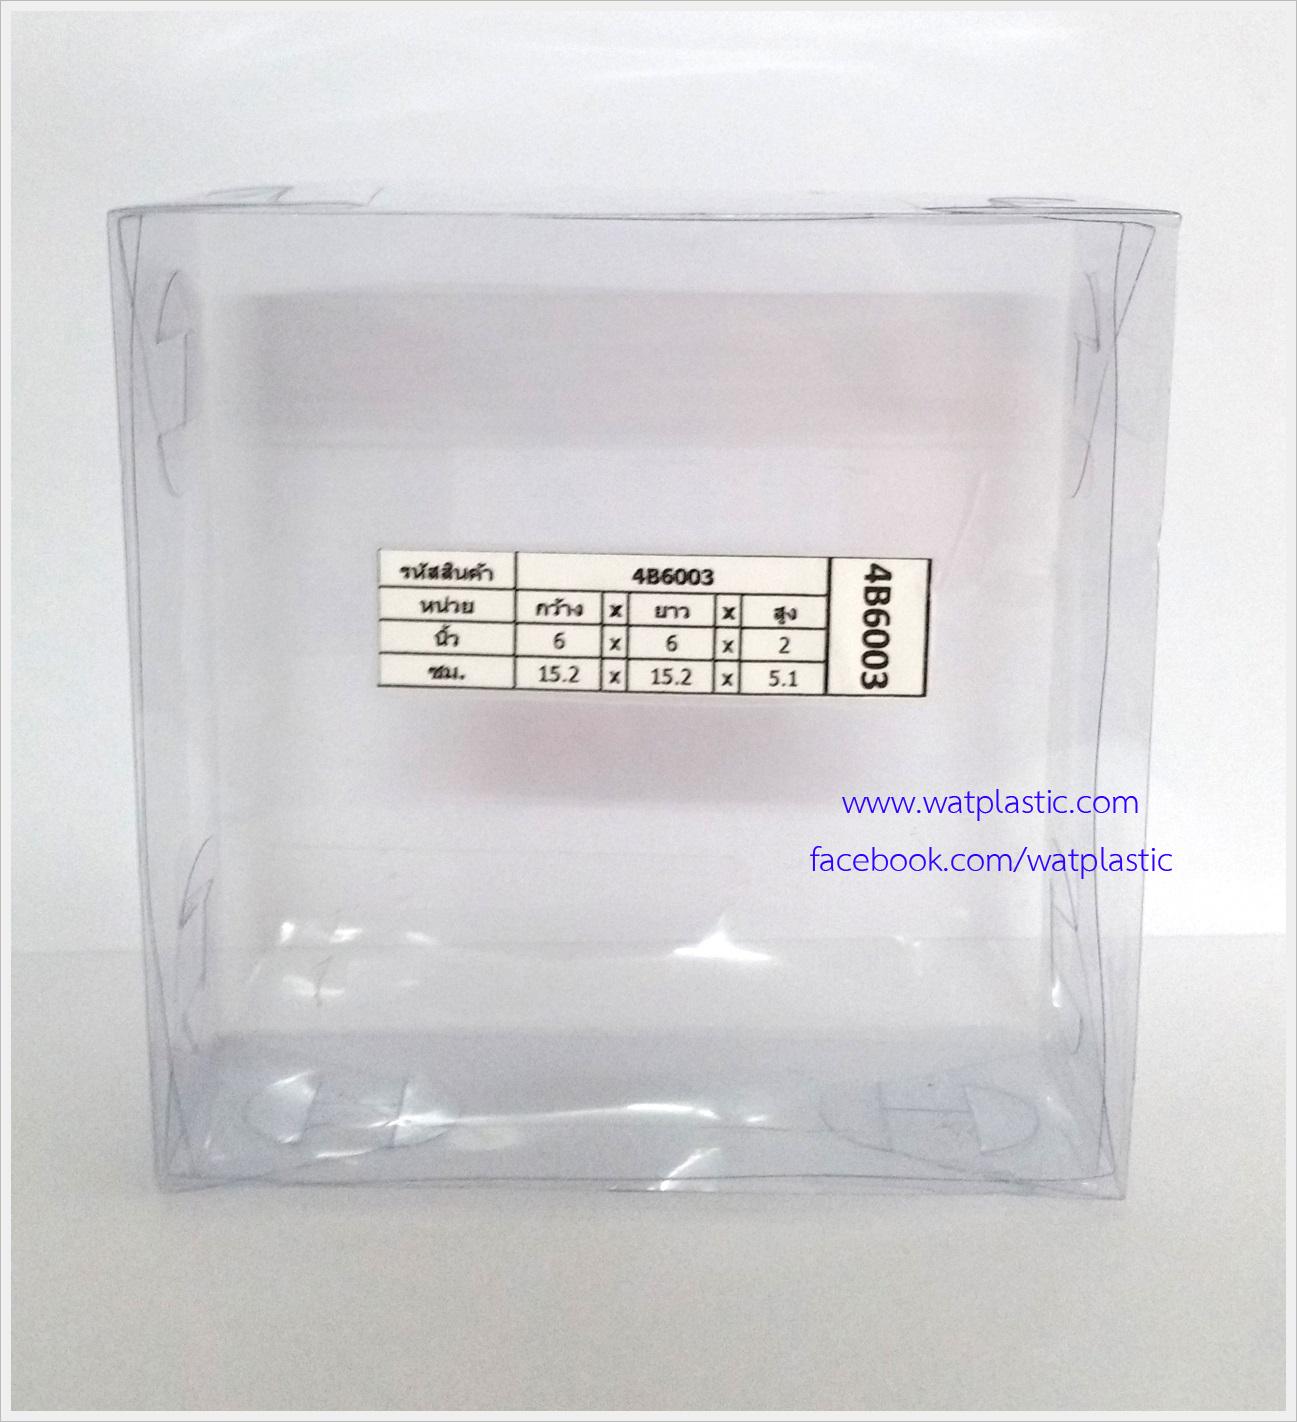 กล่องผ้าขนหนู ขนาด 15.2 x 15.2 x 5.1 cm